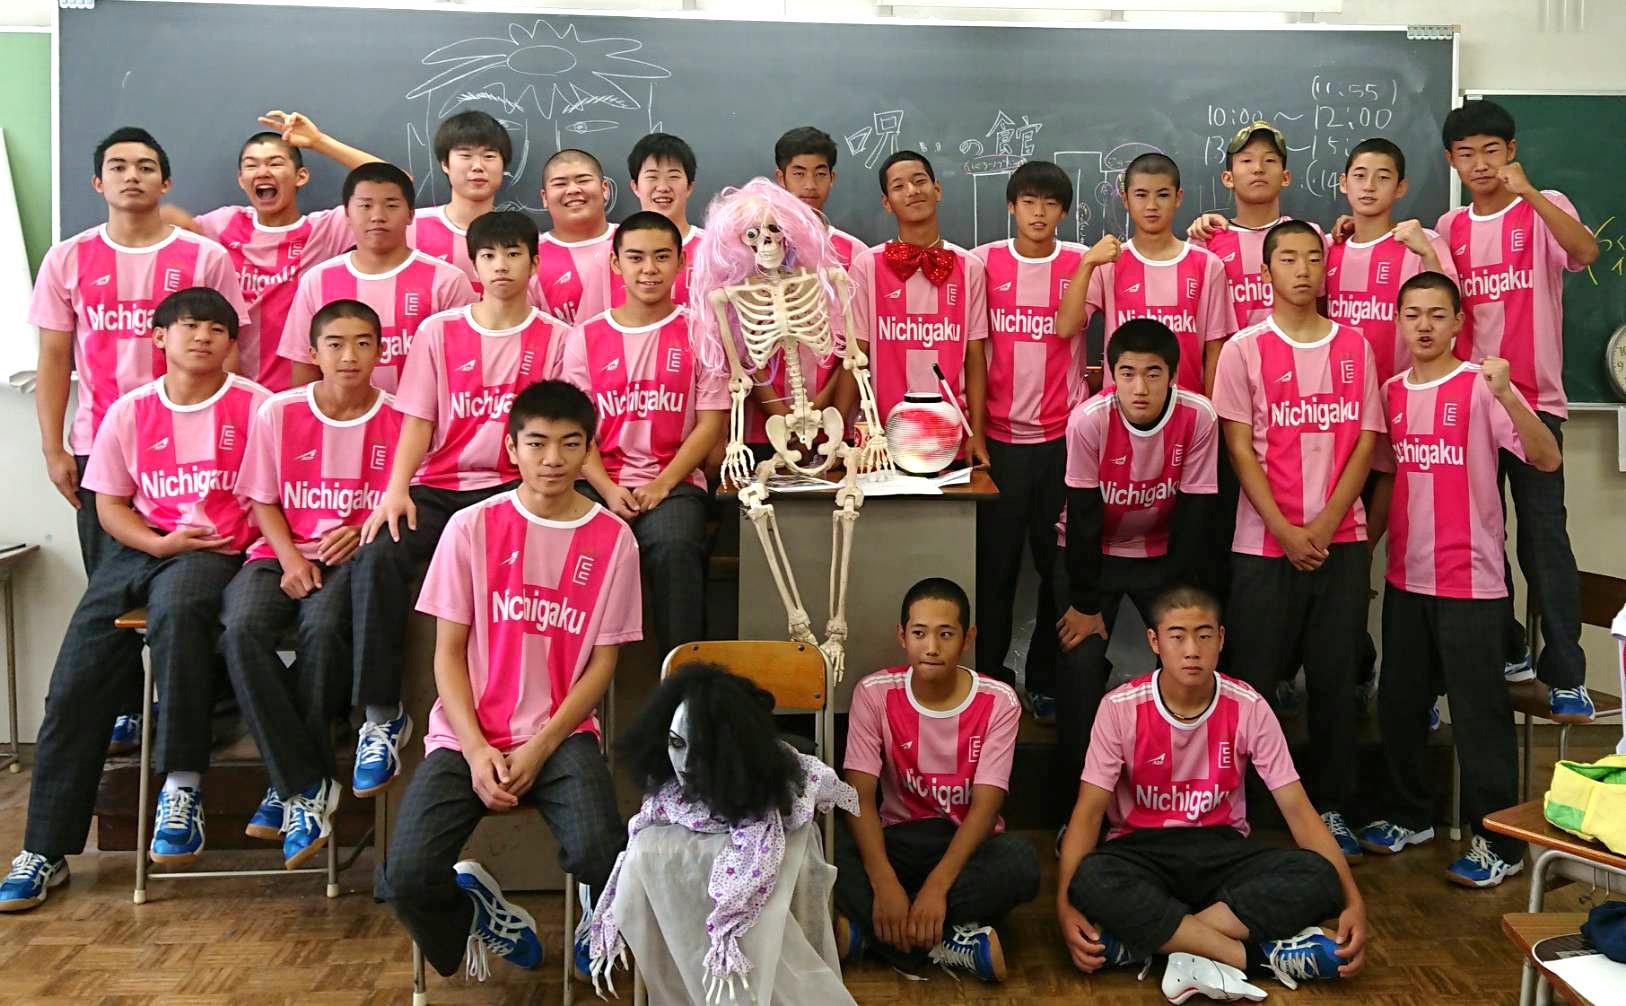 高校生クラスTシャツ2019日本学園高校(1-E)様(デカプリMAX)